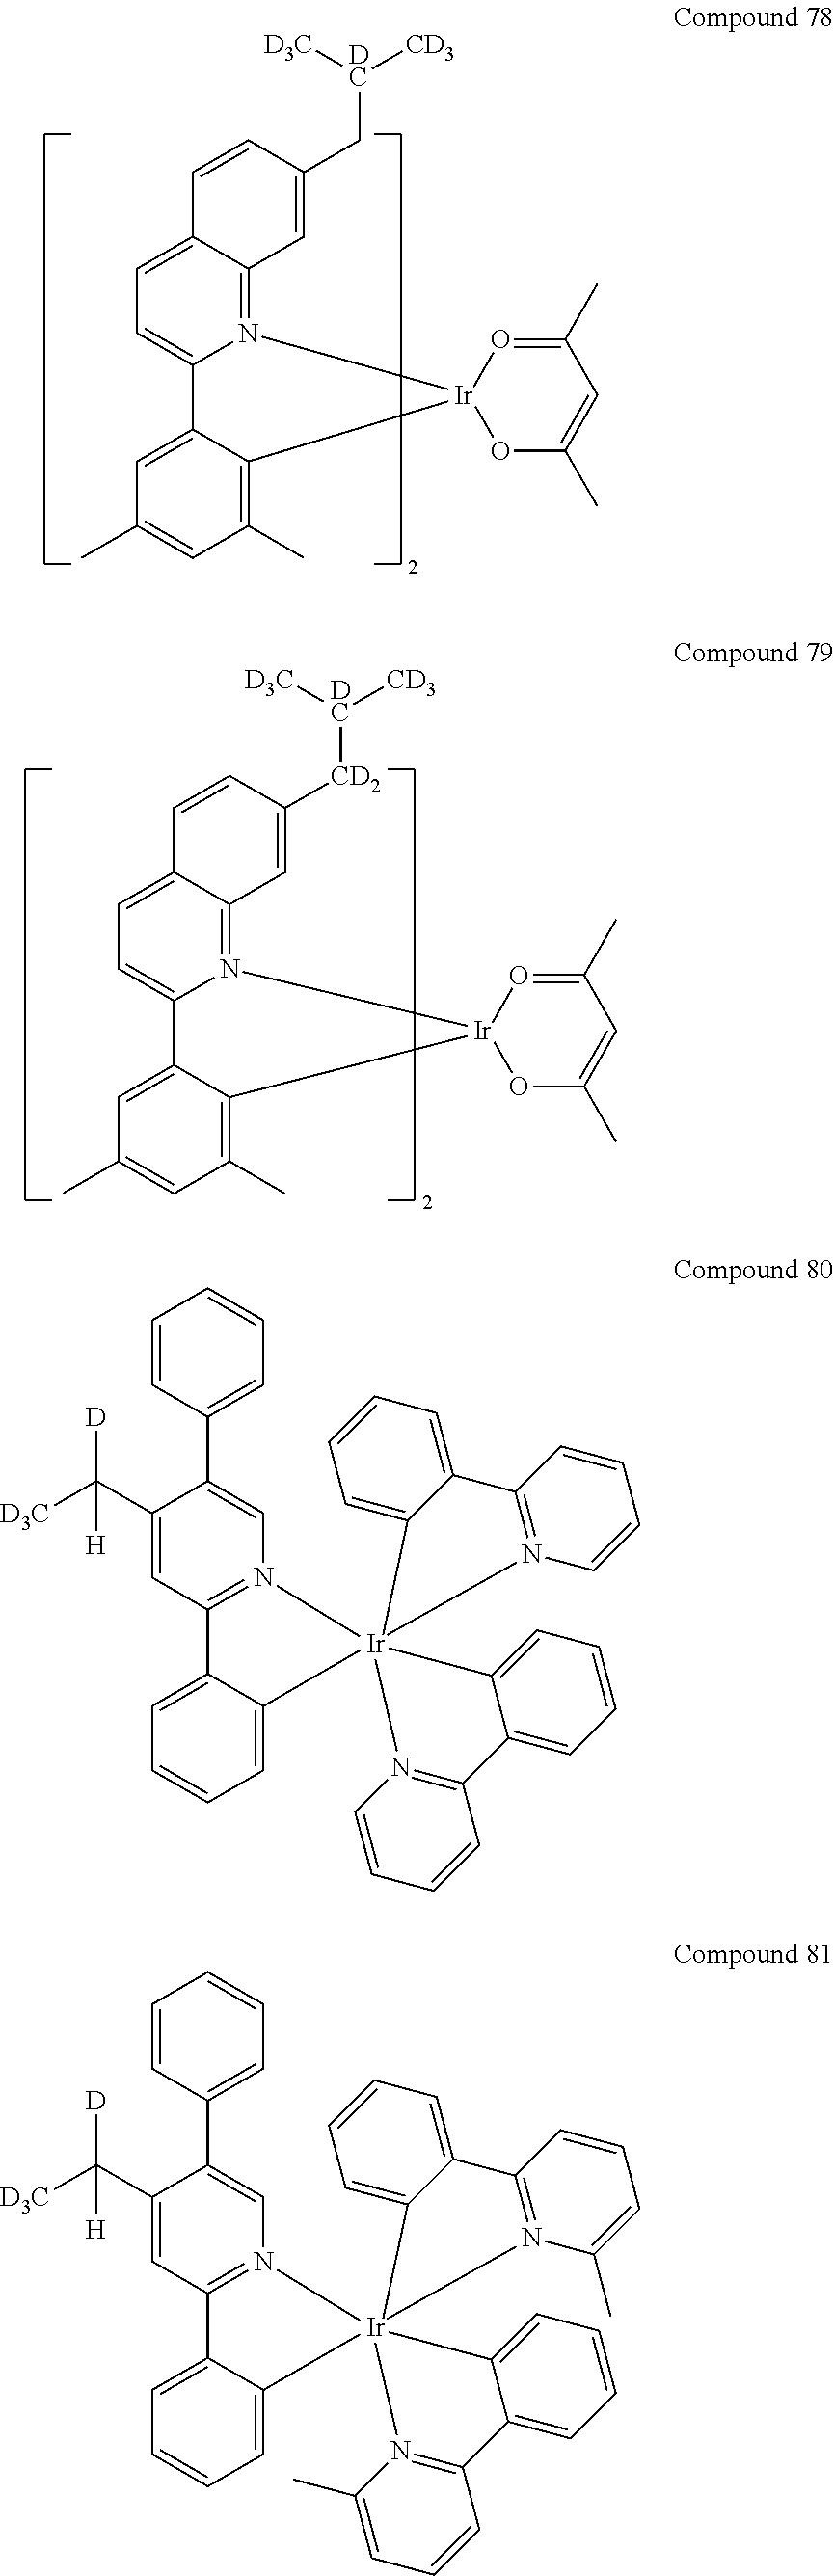 Figure US20100270916A1-20101028-C00178